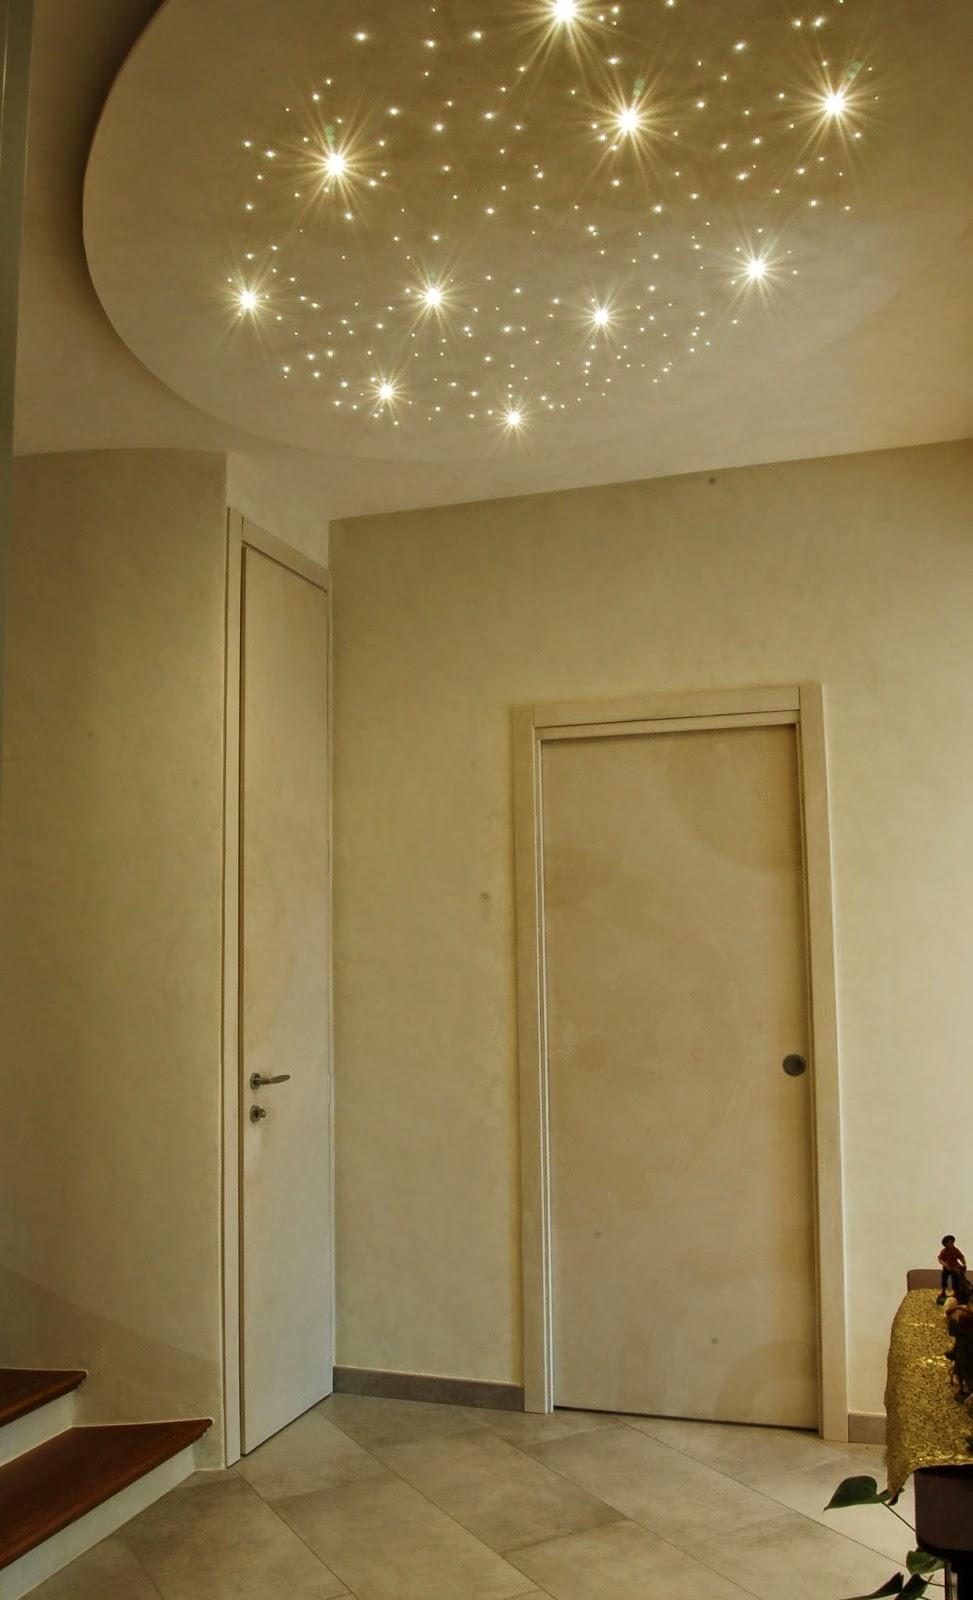 illuminazione-led-plafone-faretti-cielo-stellato.jpg